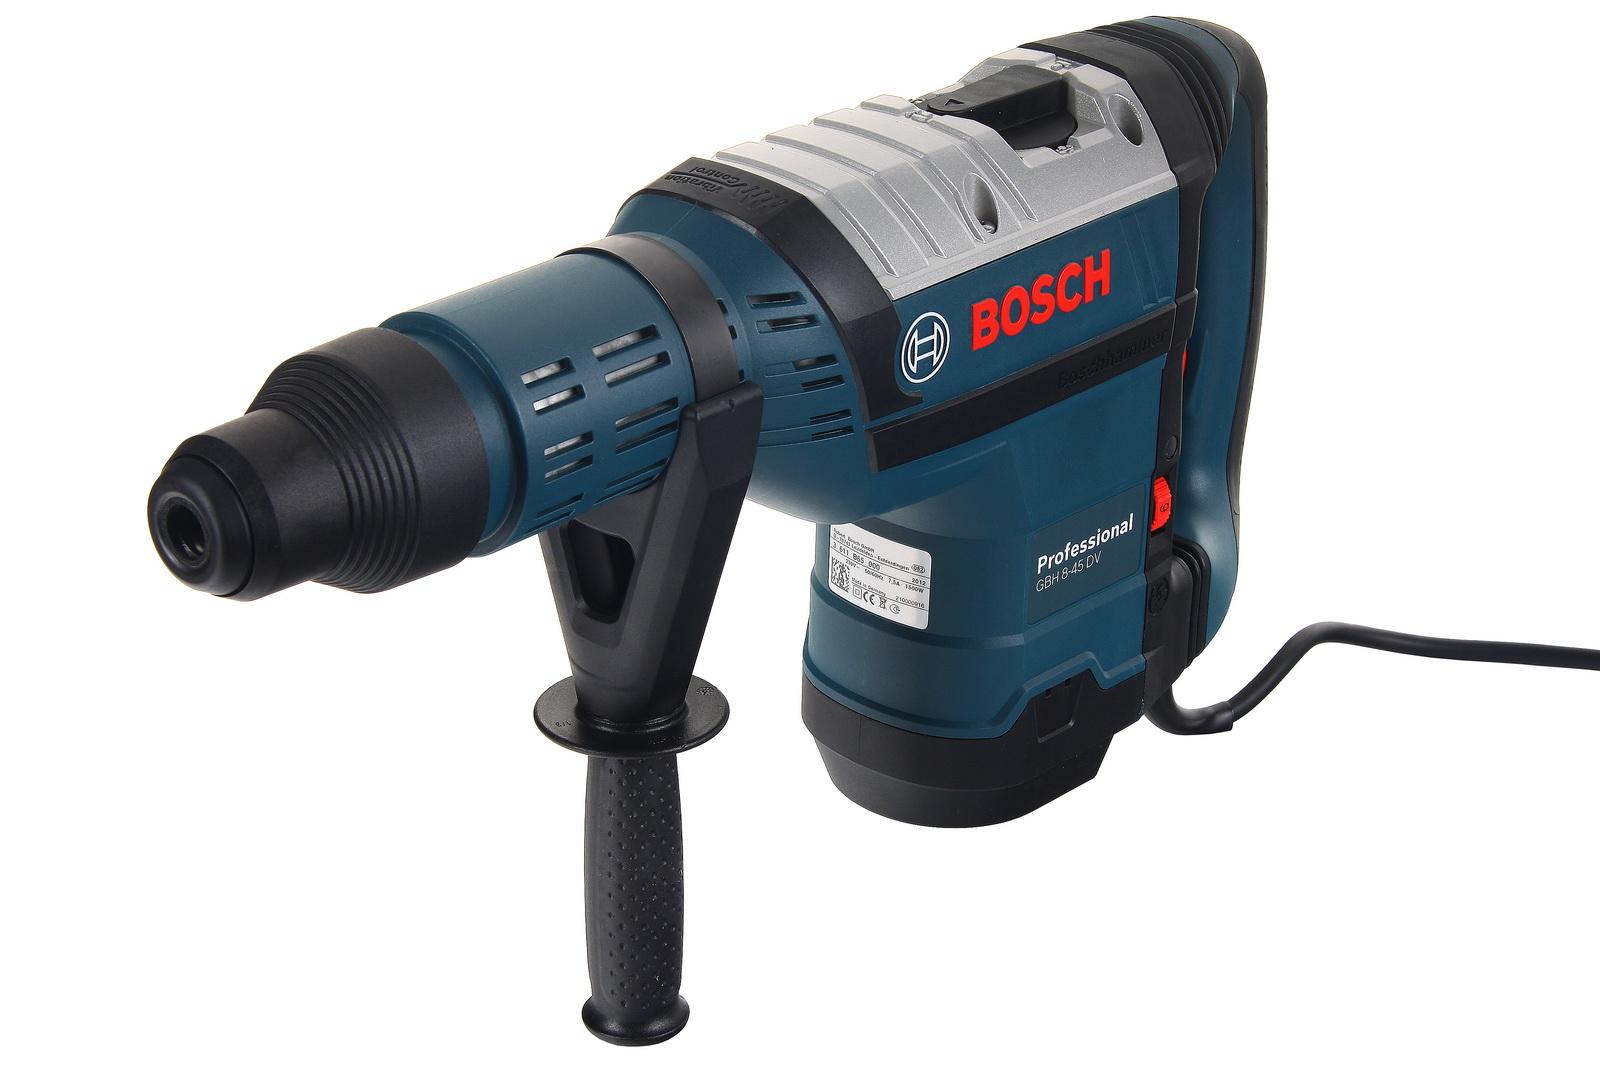 Перфоратор Bosch Gbh 8-45 dv (0.611.265.000) трусы слипы cacharel цвет темно синий